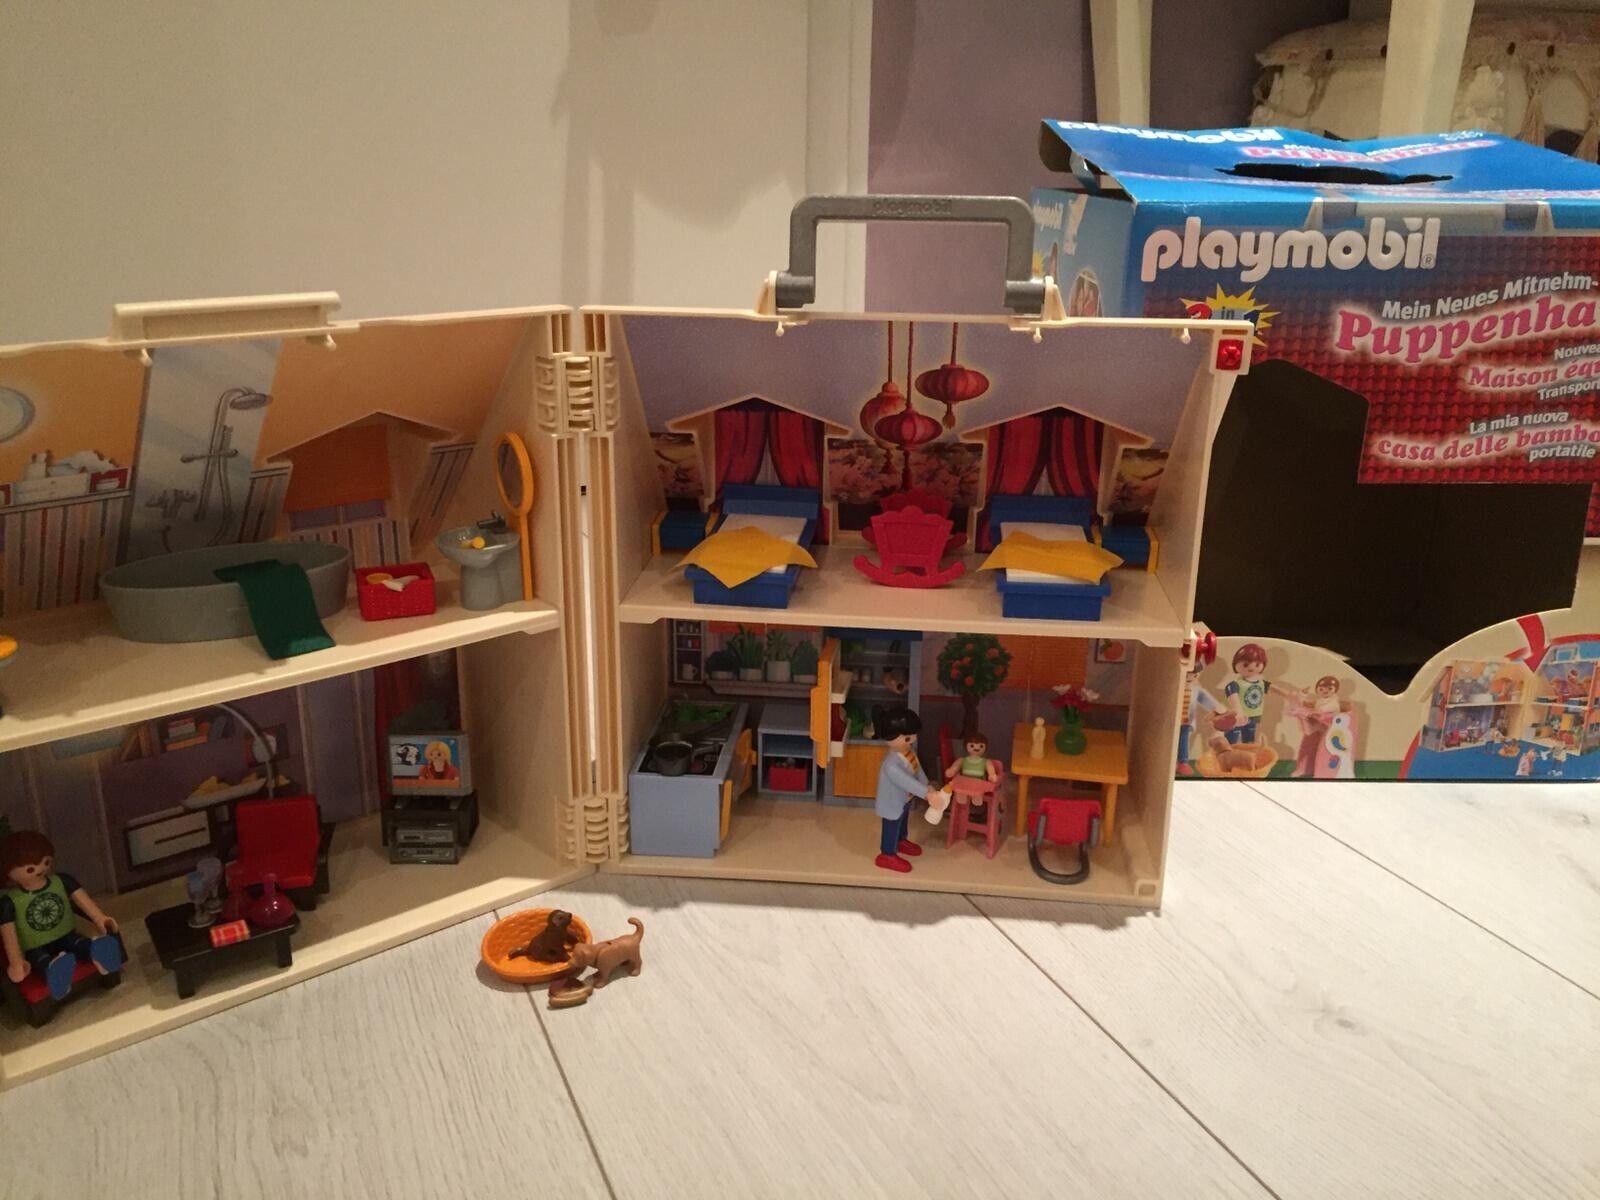 Playmobil 5167 Puppenhaus Tragbar + 70010 Garten TOP